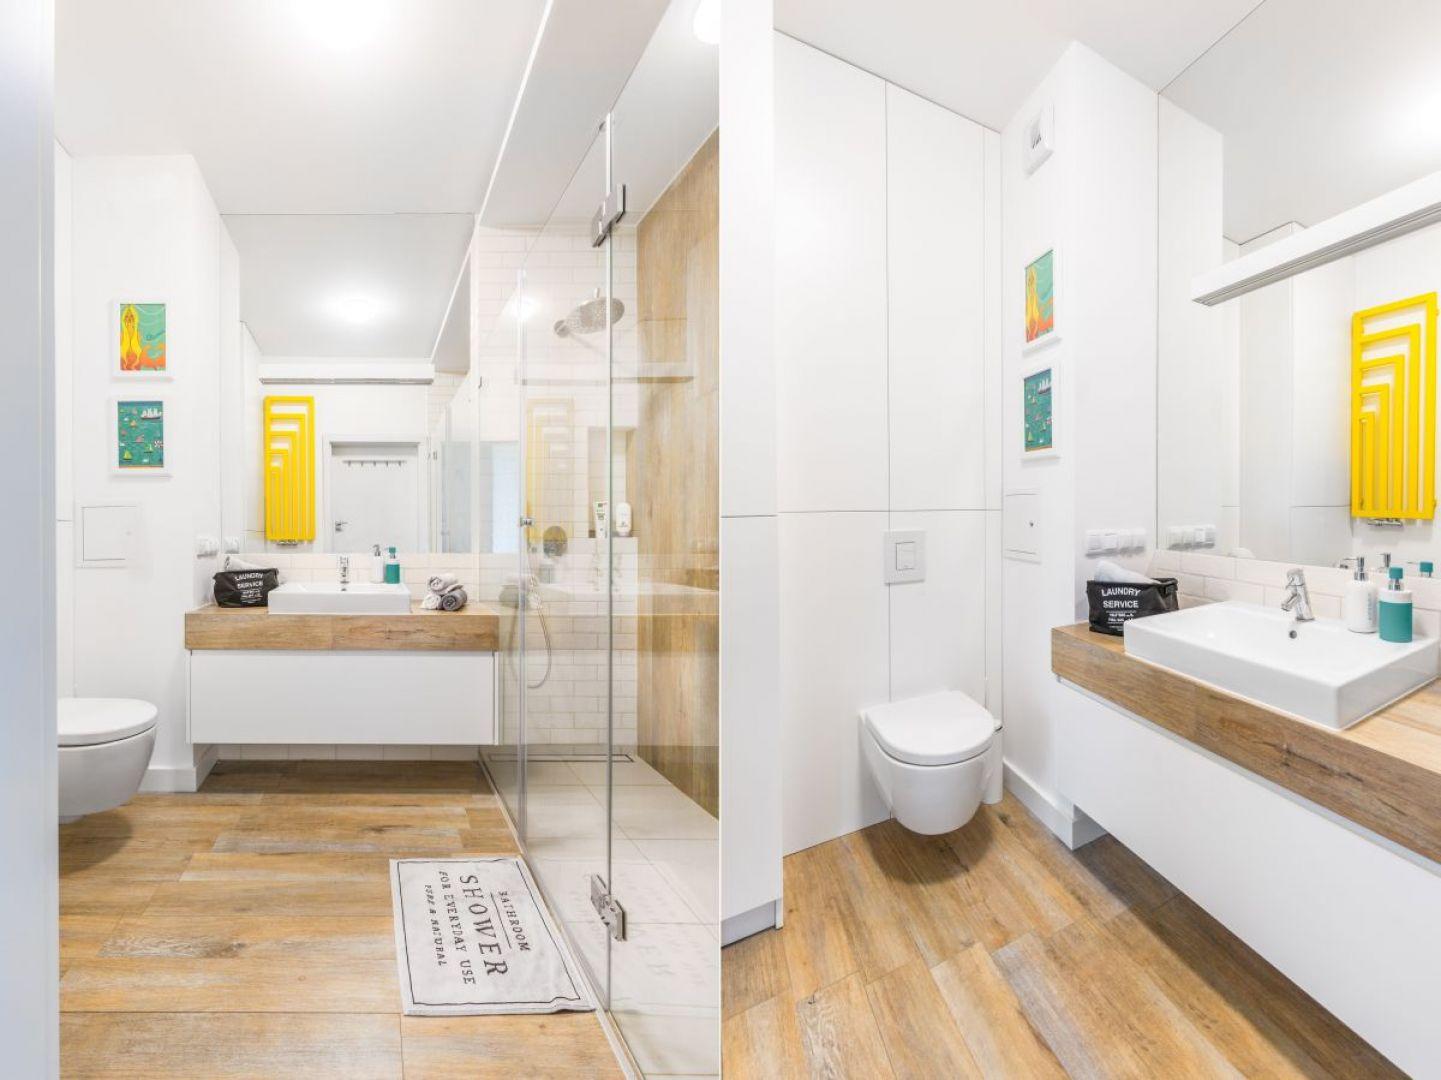 Biała łazienka ocieplona drewnem. Proj. Decoroom. Fot. Pion Poziom